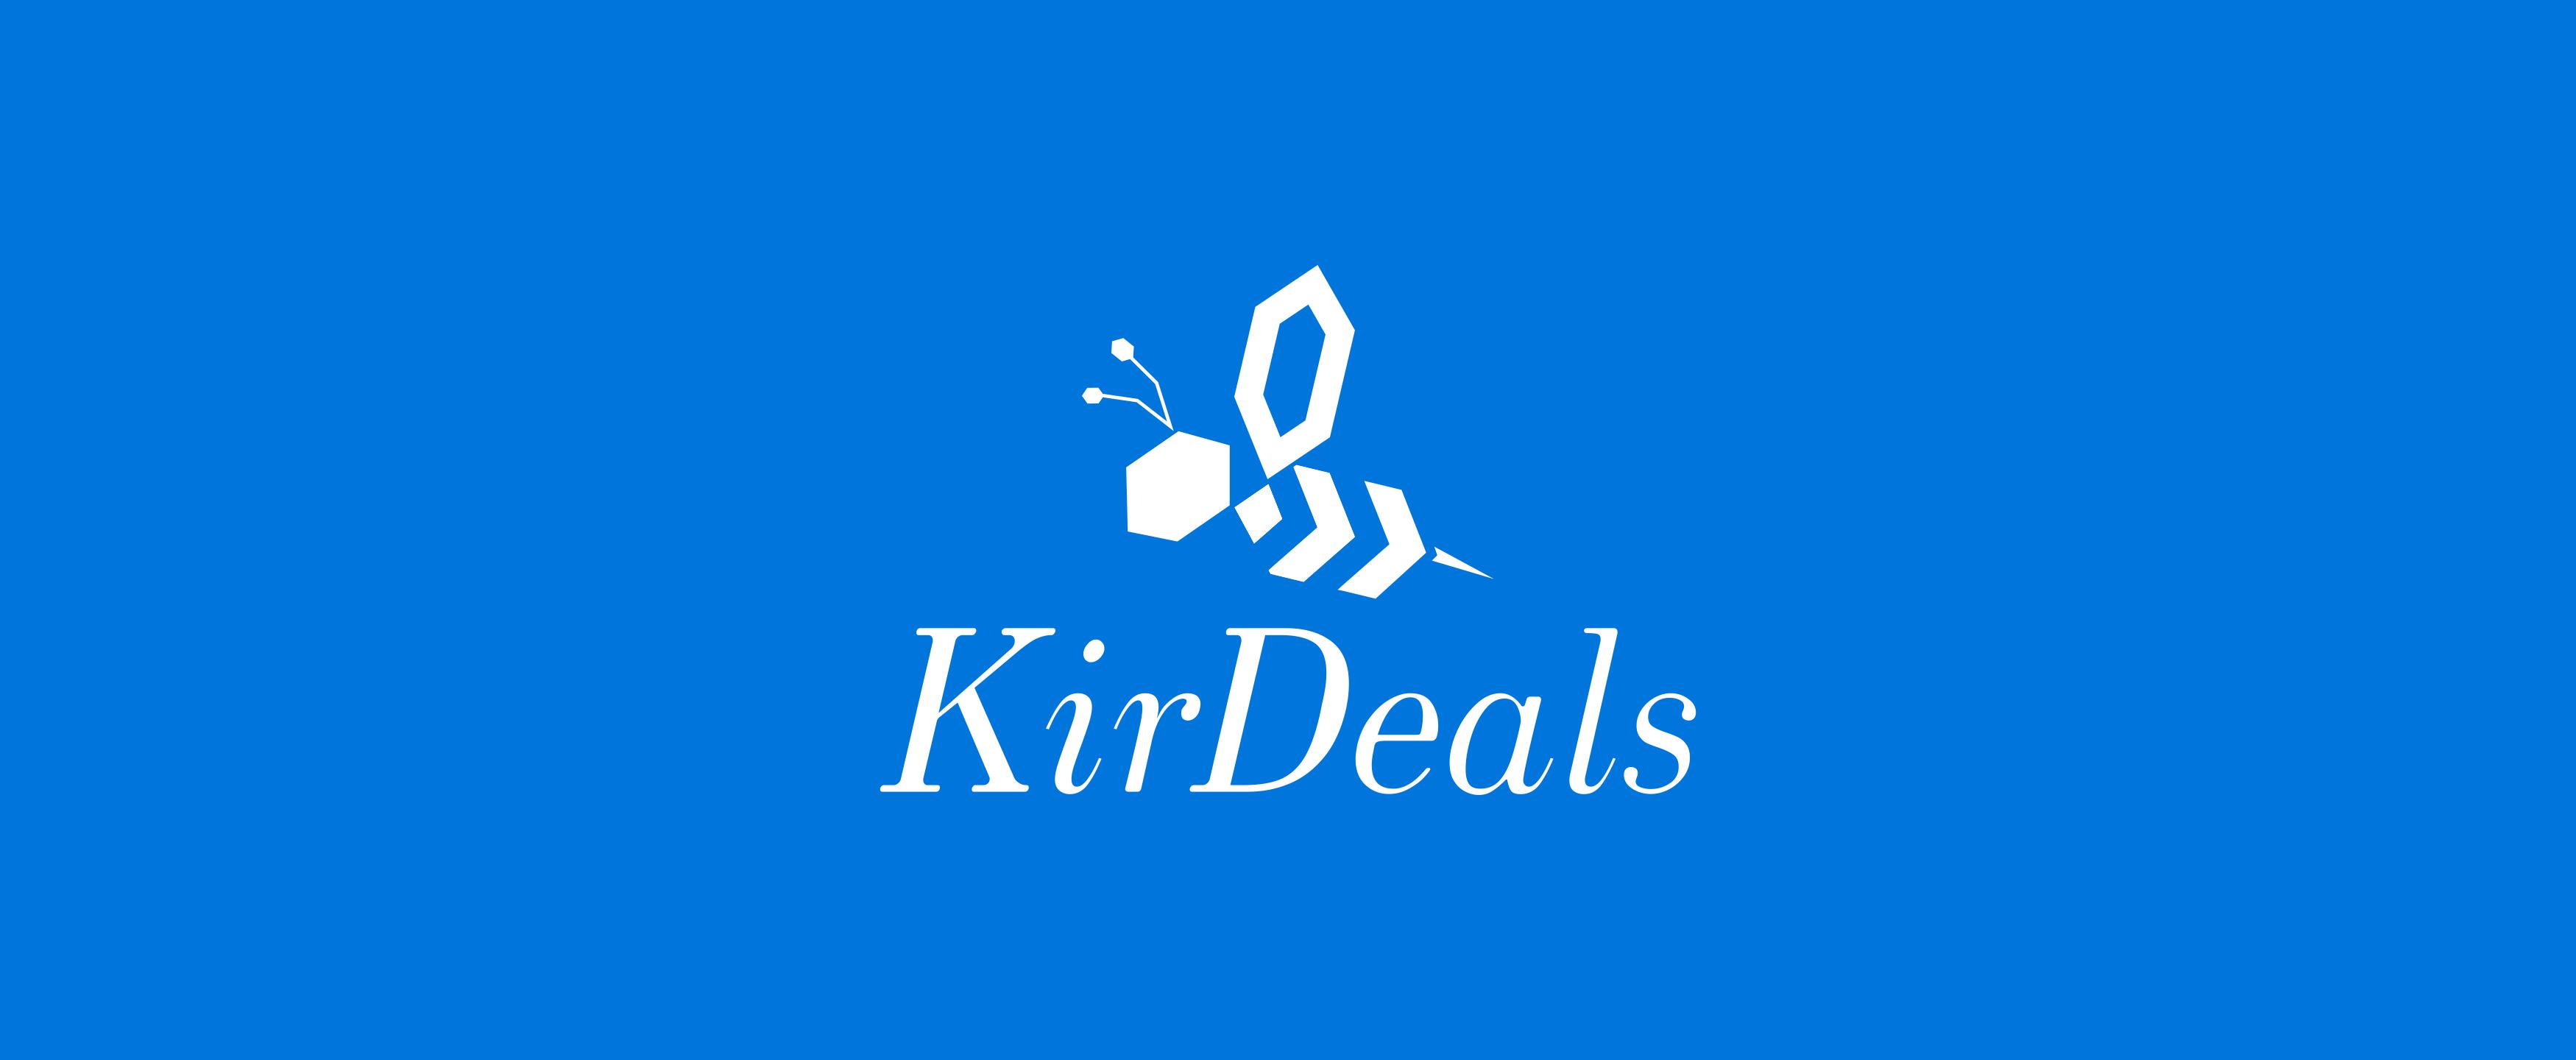 Kirdeals.com